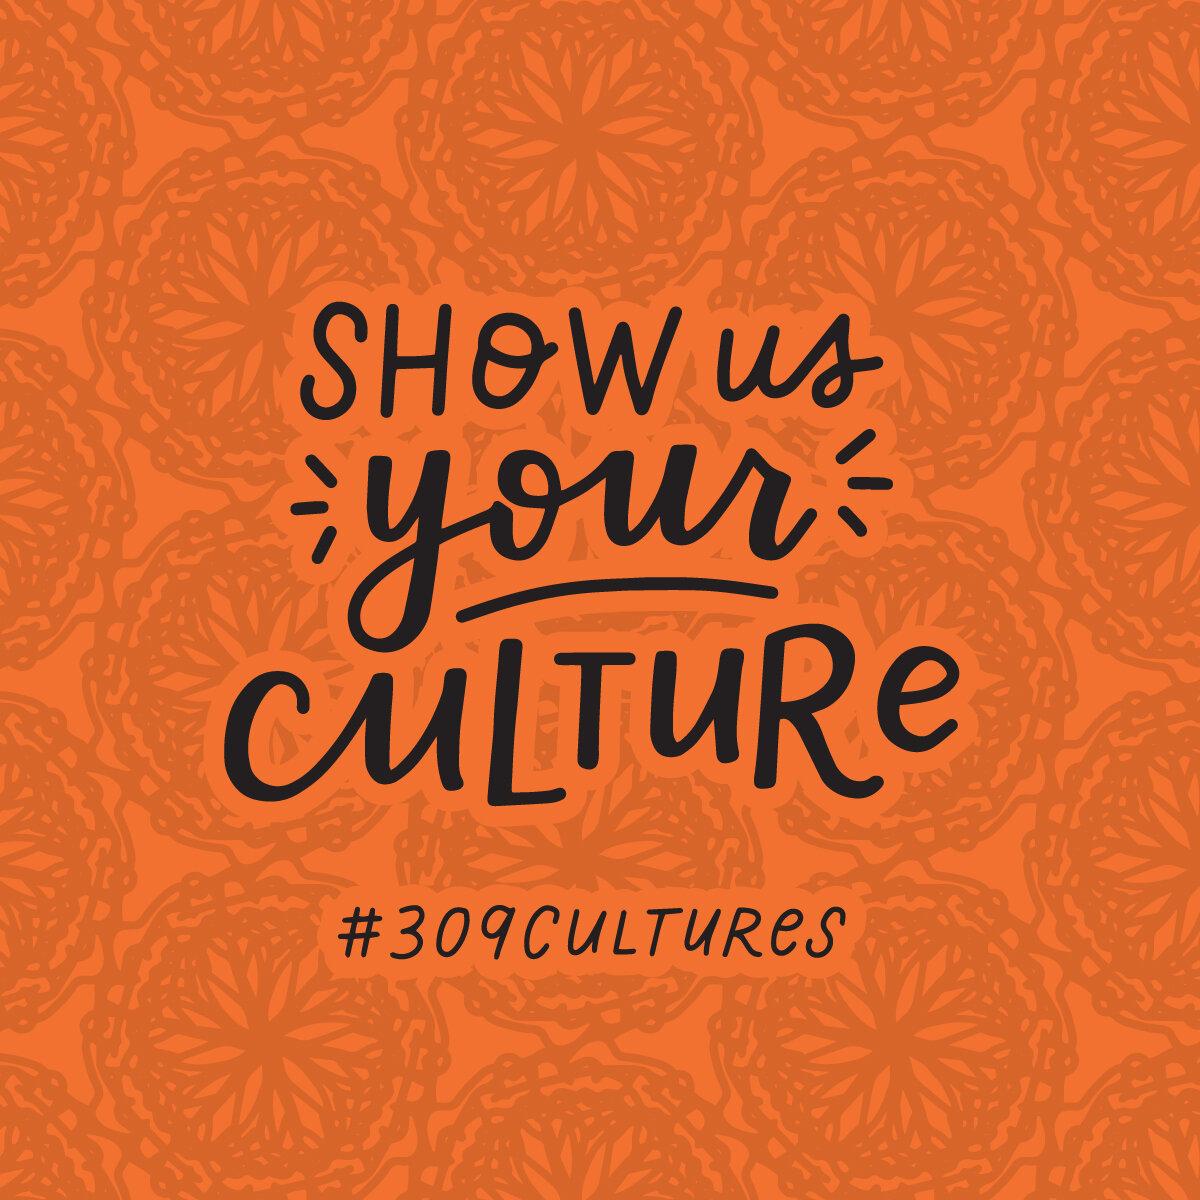 309Cultures-SocialMedia-4.jpg